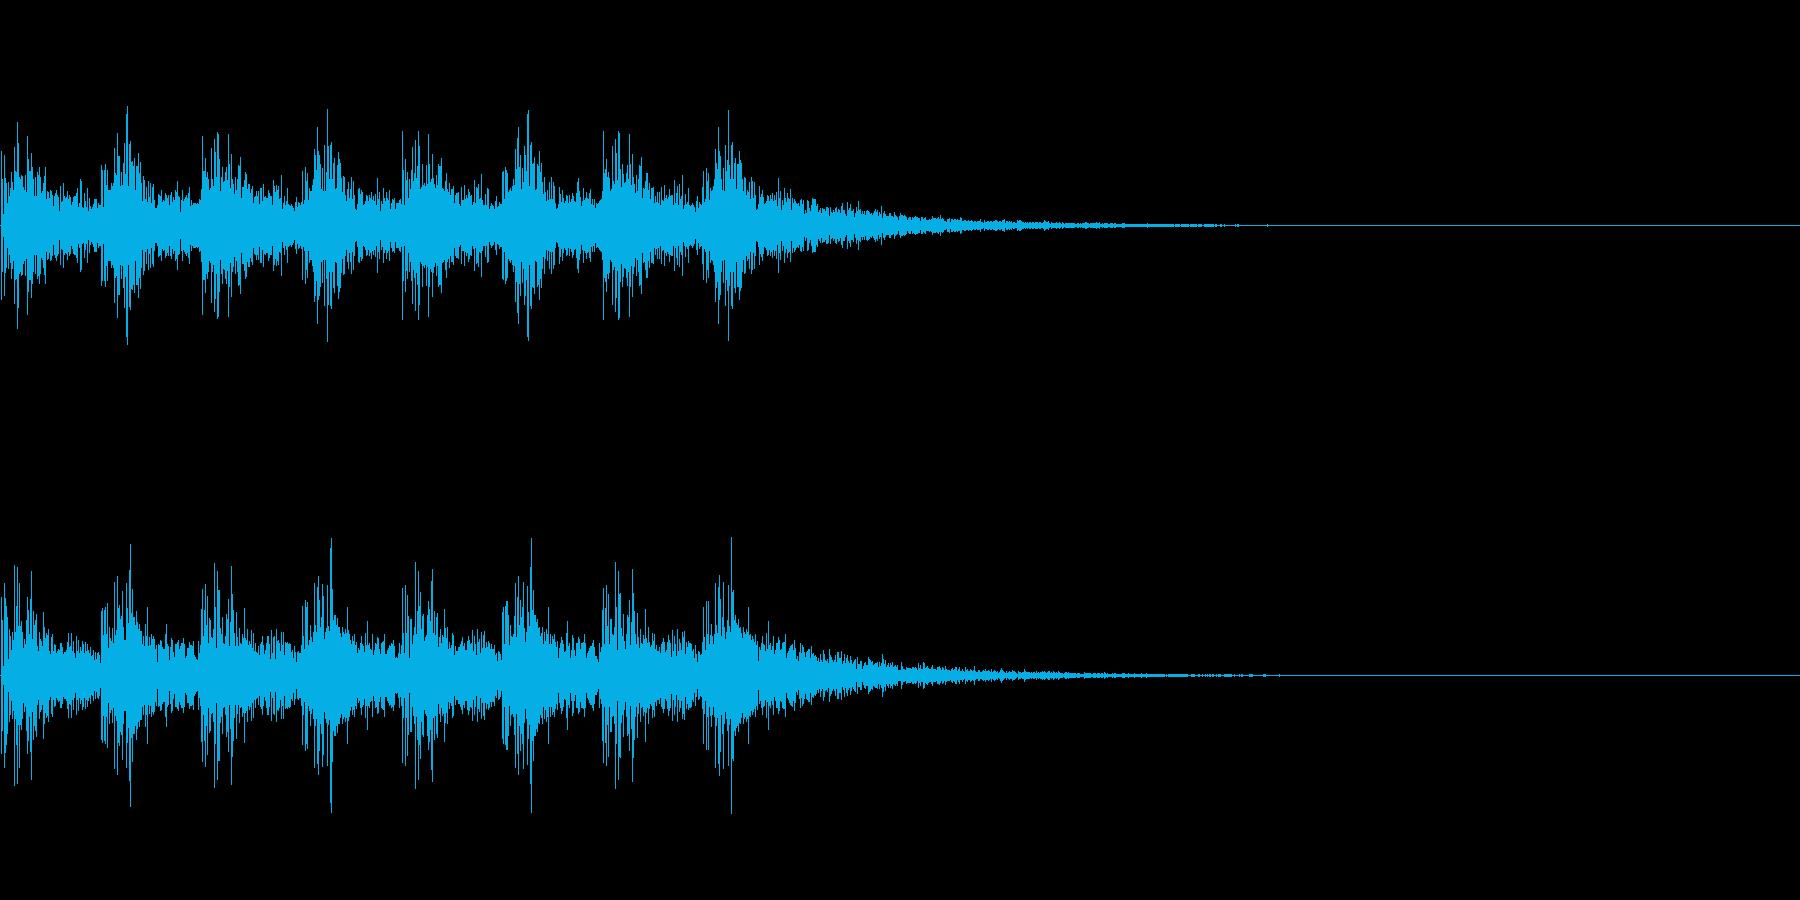 3人並んで歩いている音の再生済みの波形